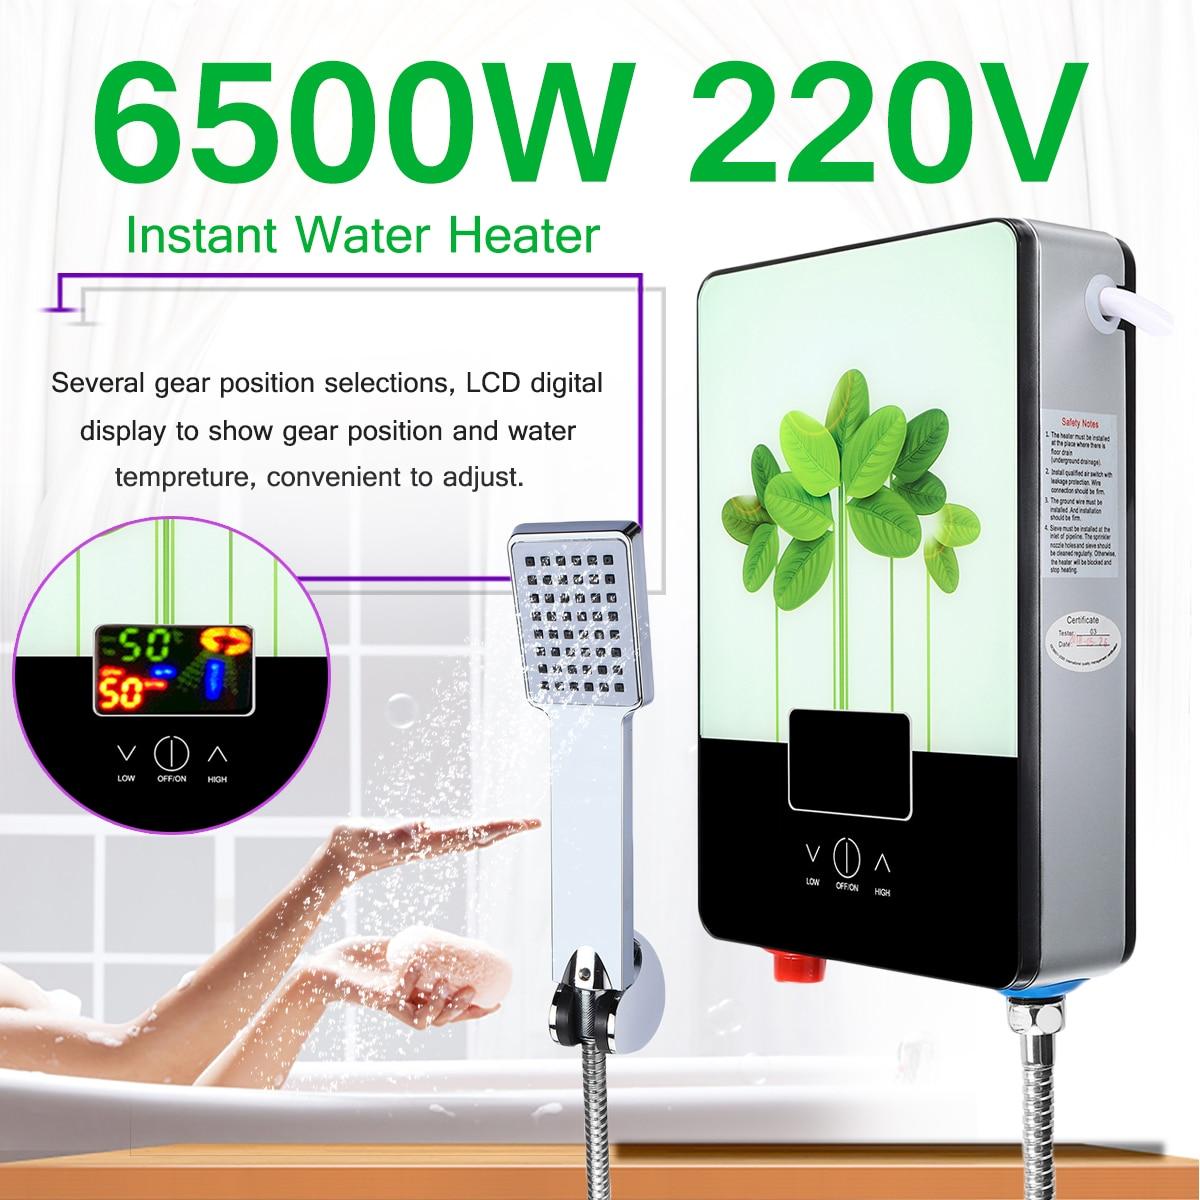 Calentador de agua 6500W caldera de agua caliente eléctrica 220V caldera instantánea sin tanque baño ducha conjunto de termostato calorificador inteligente